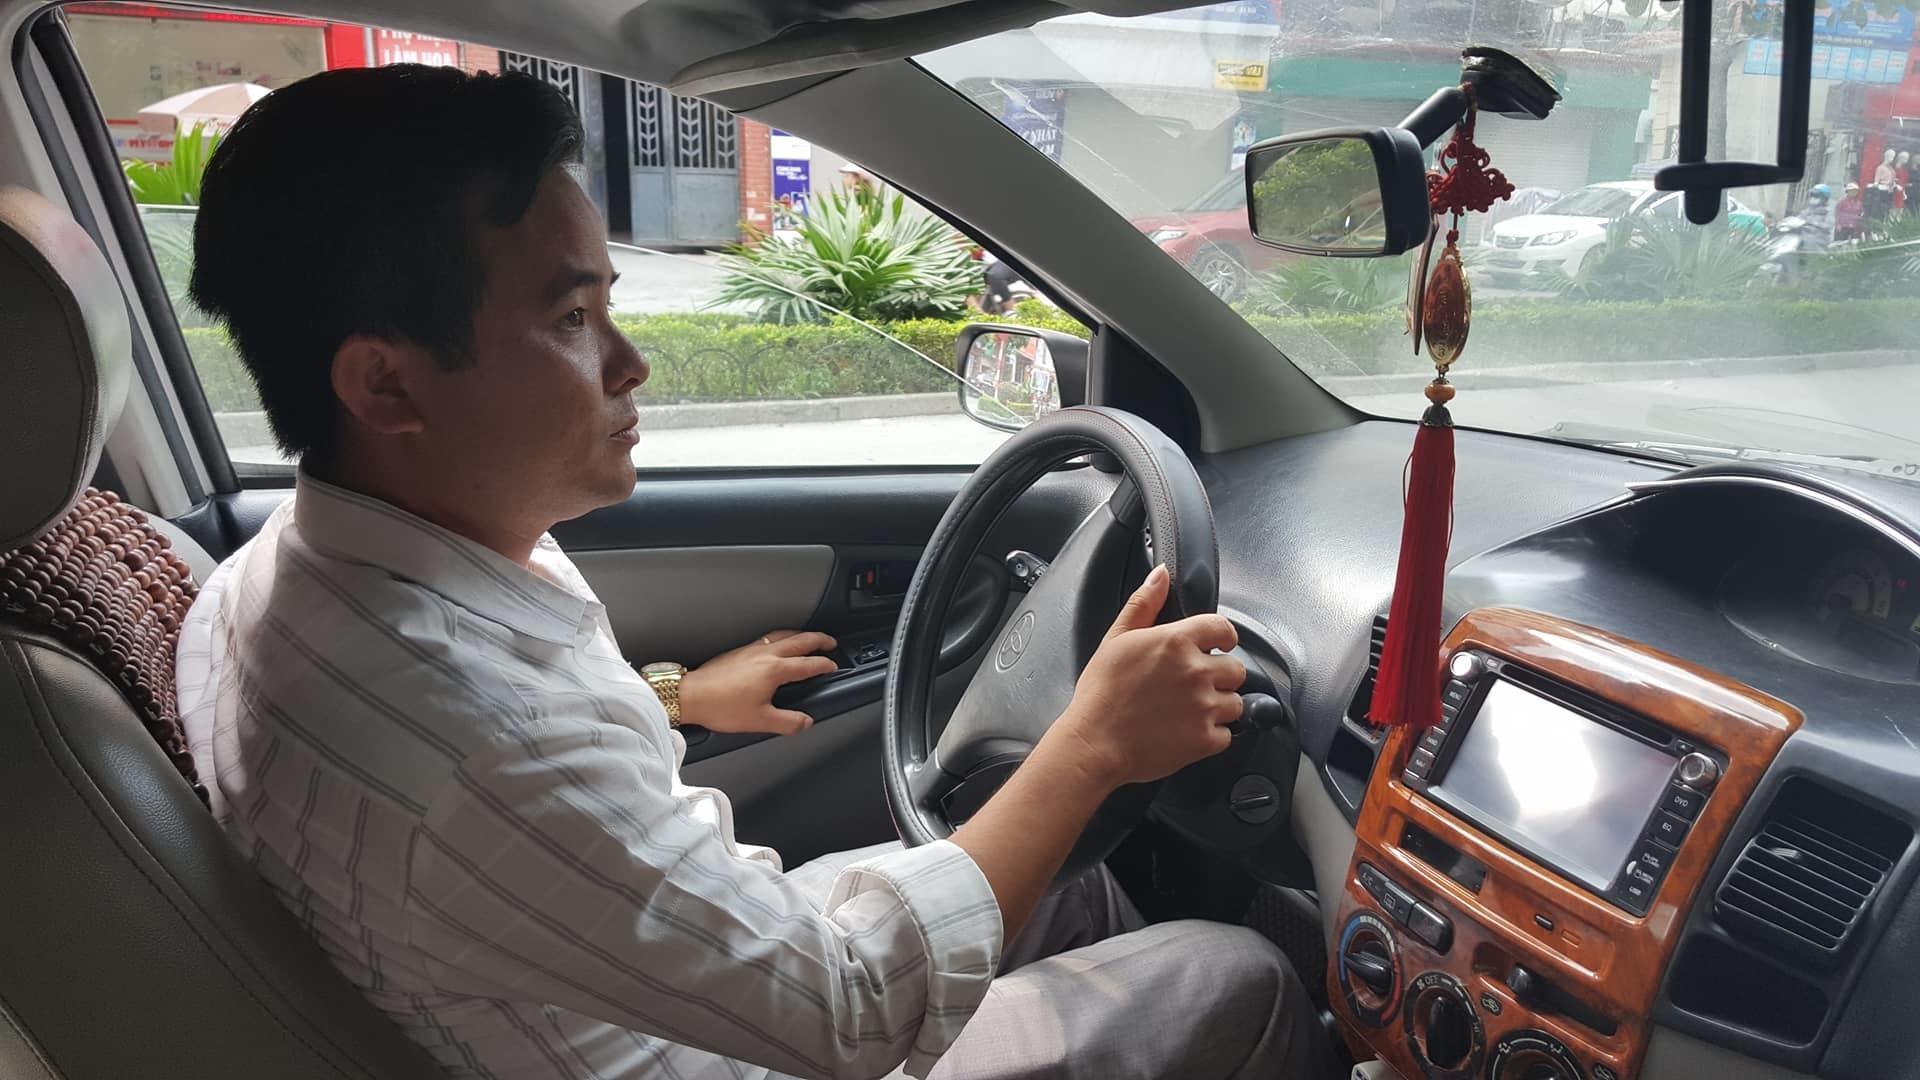 Hành hung,Thầy giáo dạy lái,Dạy lái xe